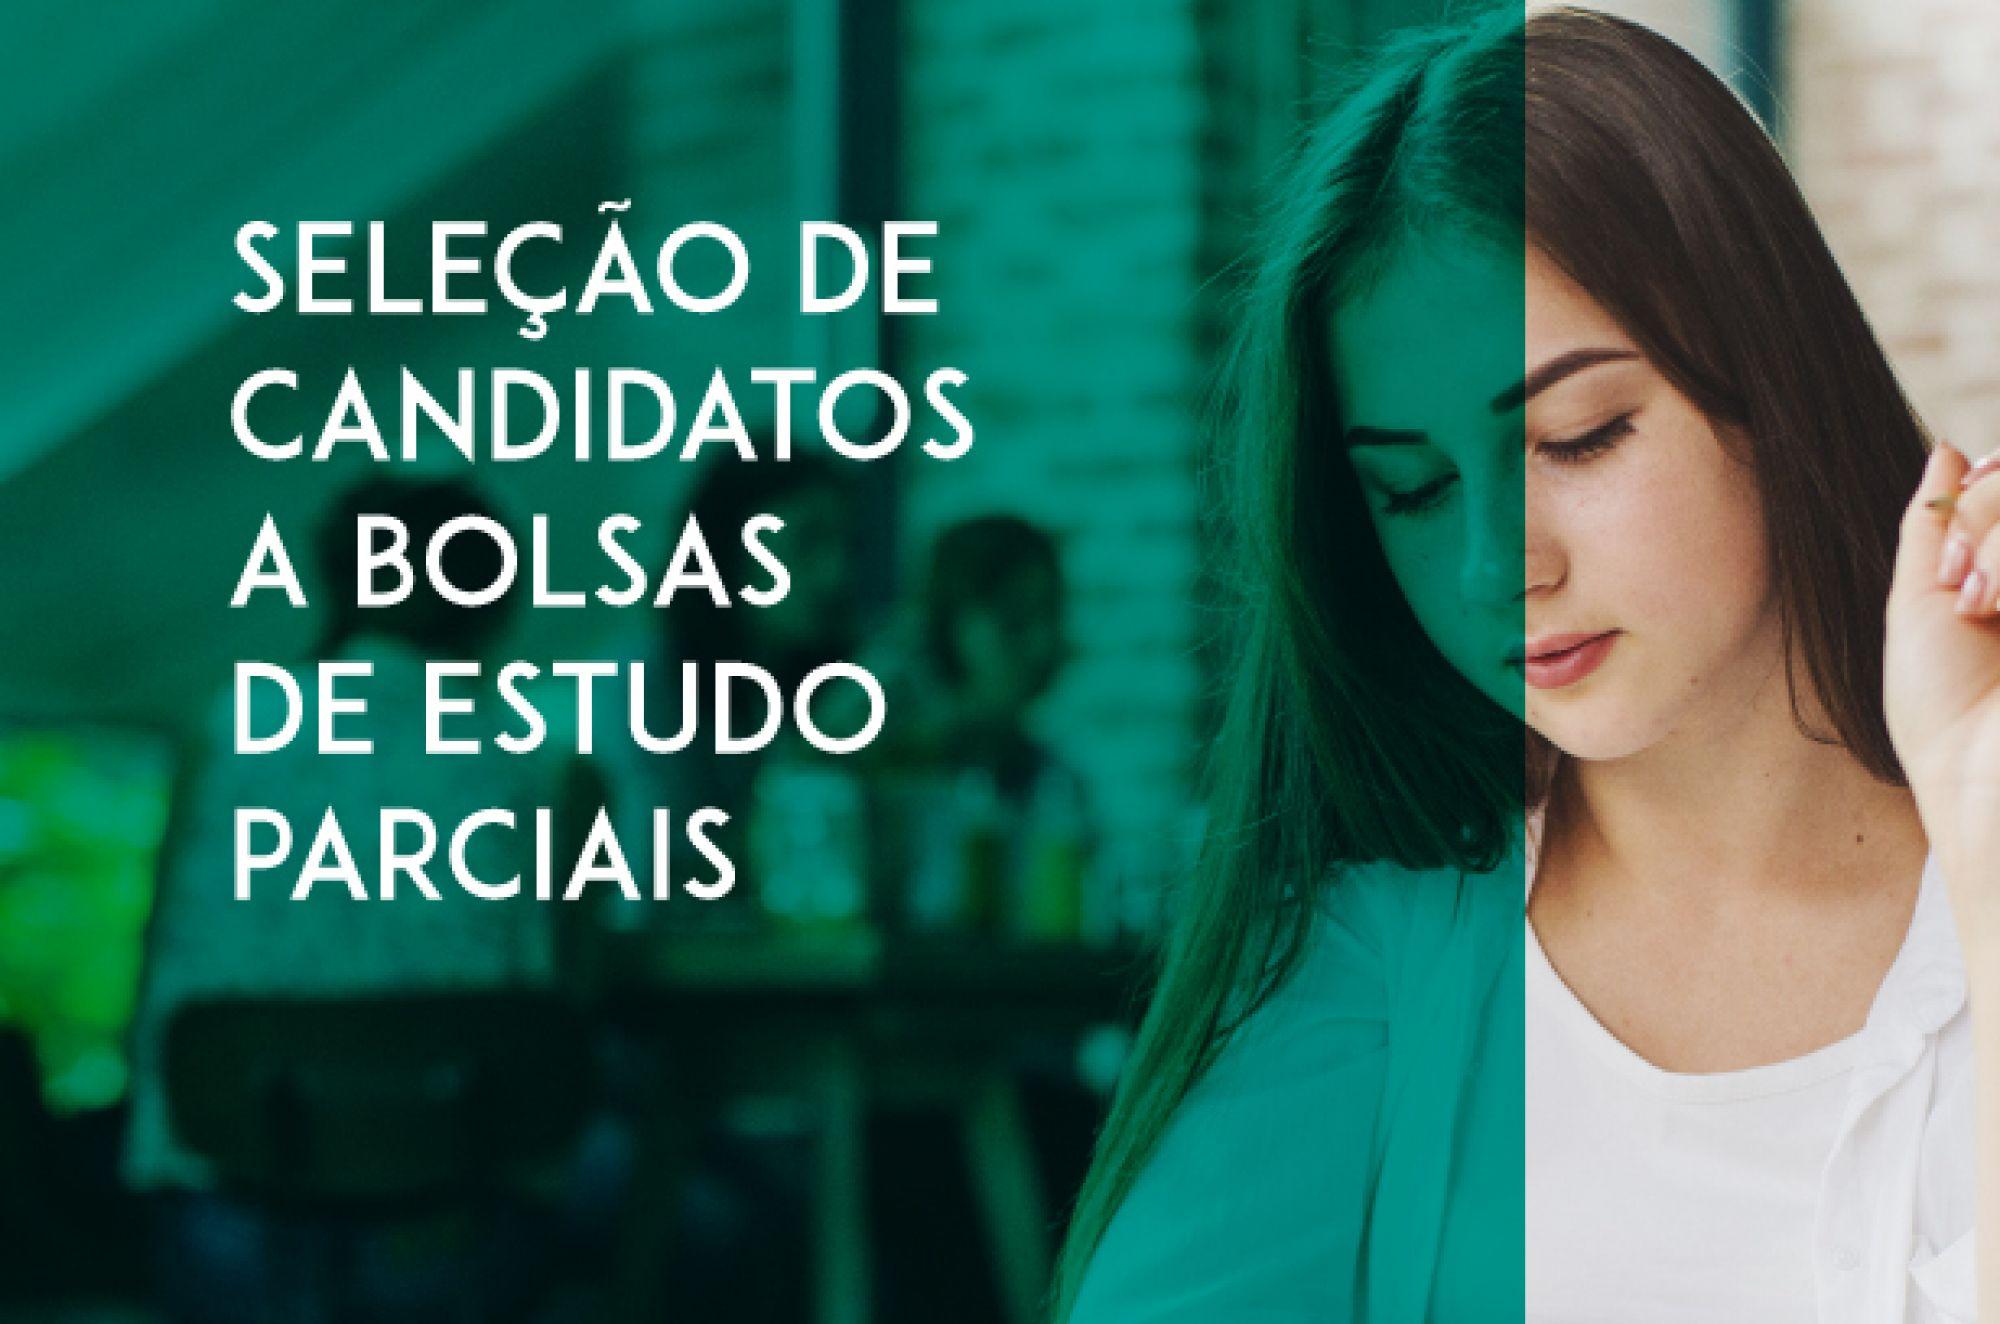 SELEÇÃO DE CANDIDATOS A BOLSAS DE ESTUDOS PARCIAIS 2021